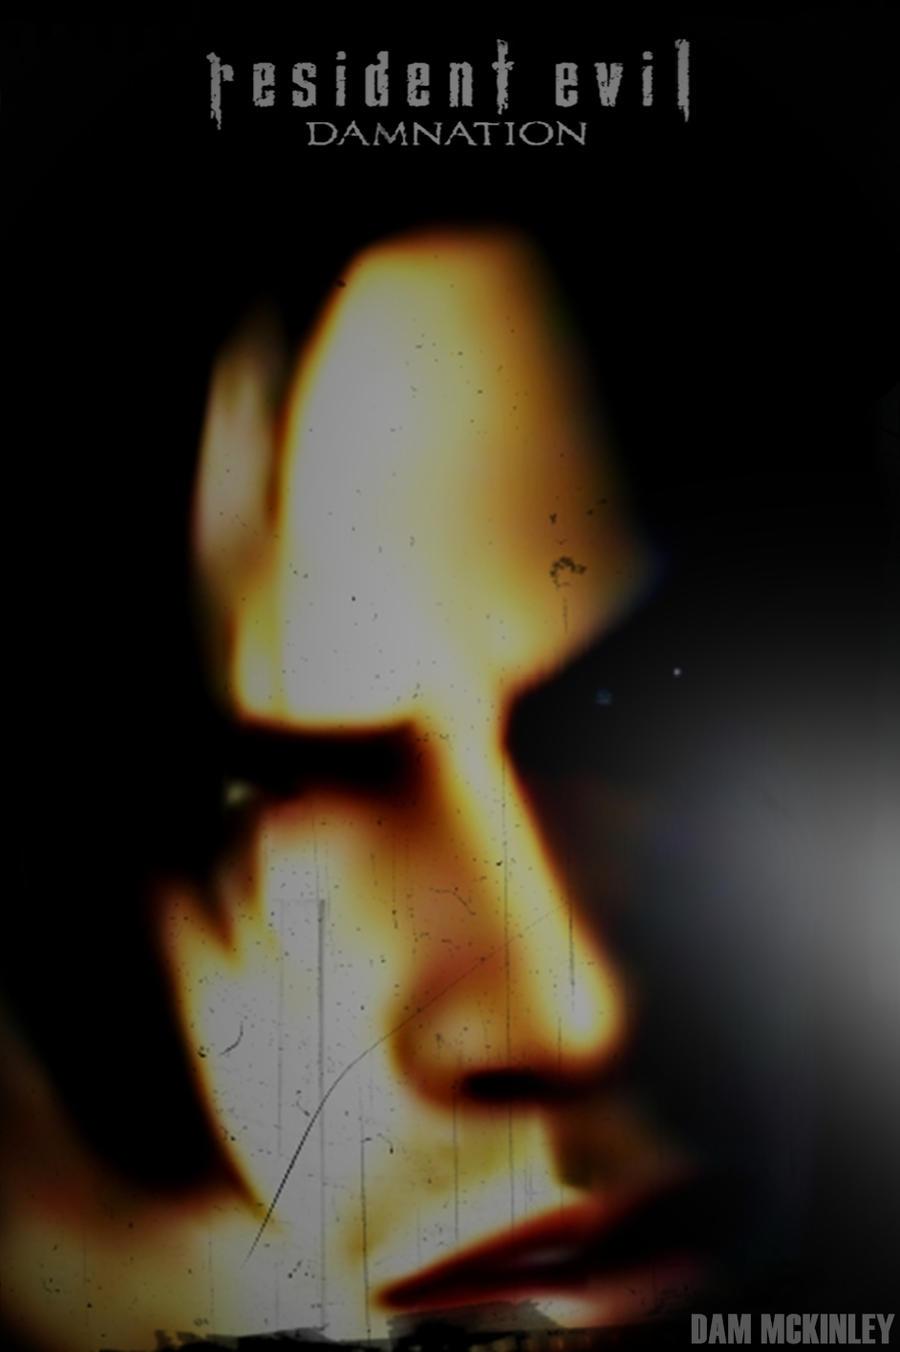 Resident Evil Damnation Leon Poster By Dammckinley On Deviantart